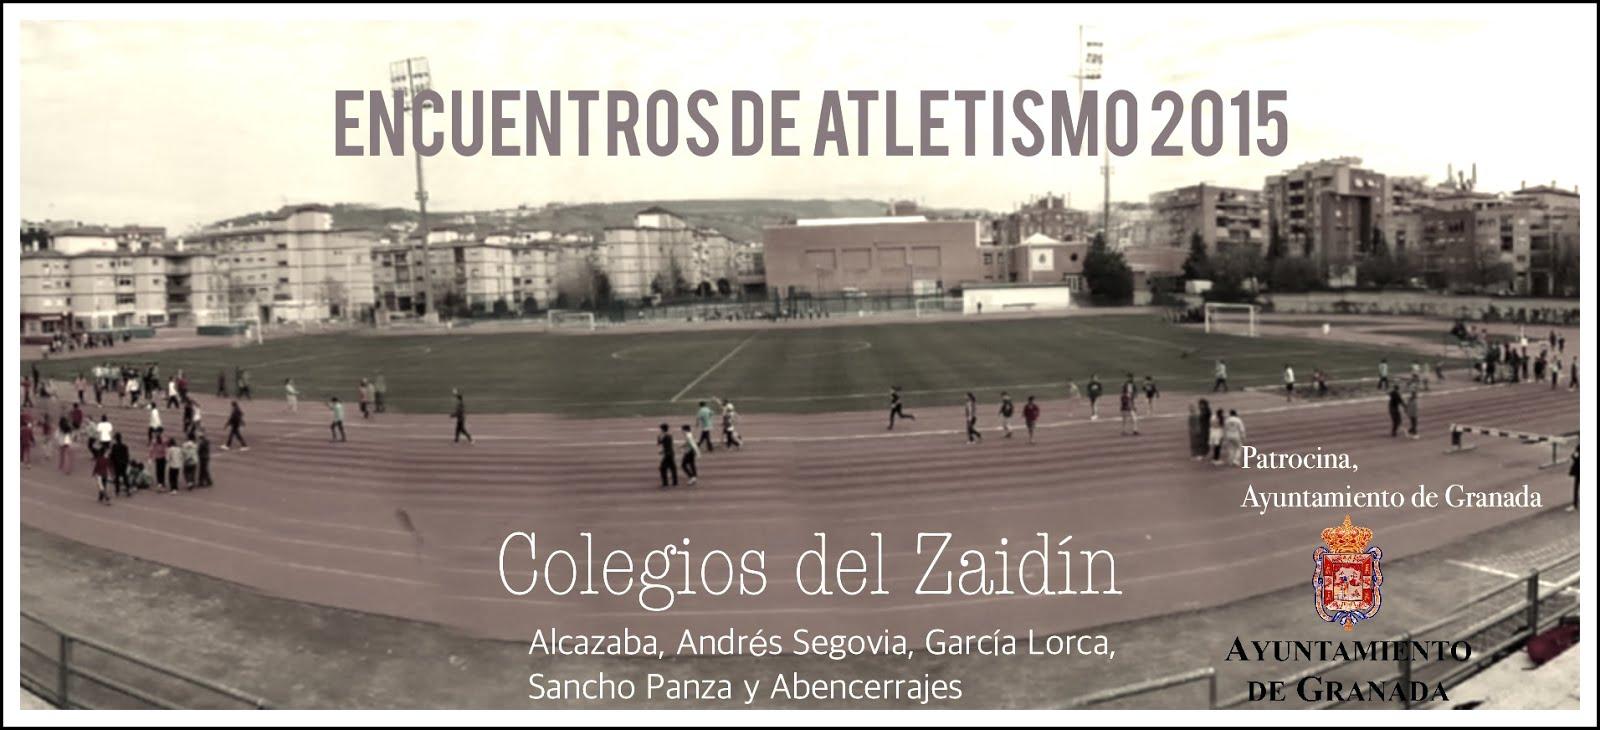 Encuentros de Atletismo 2015